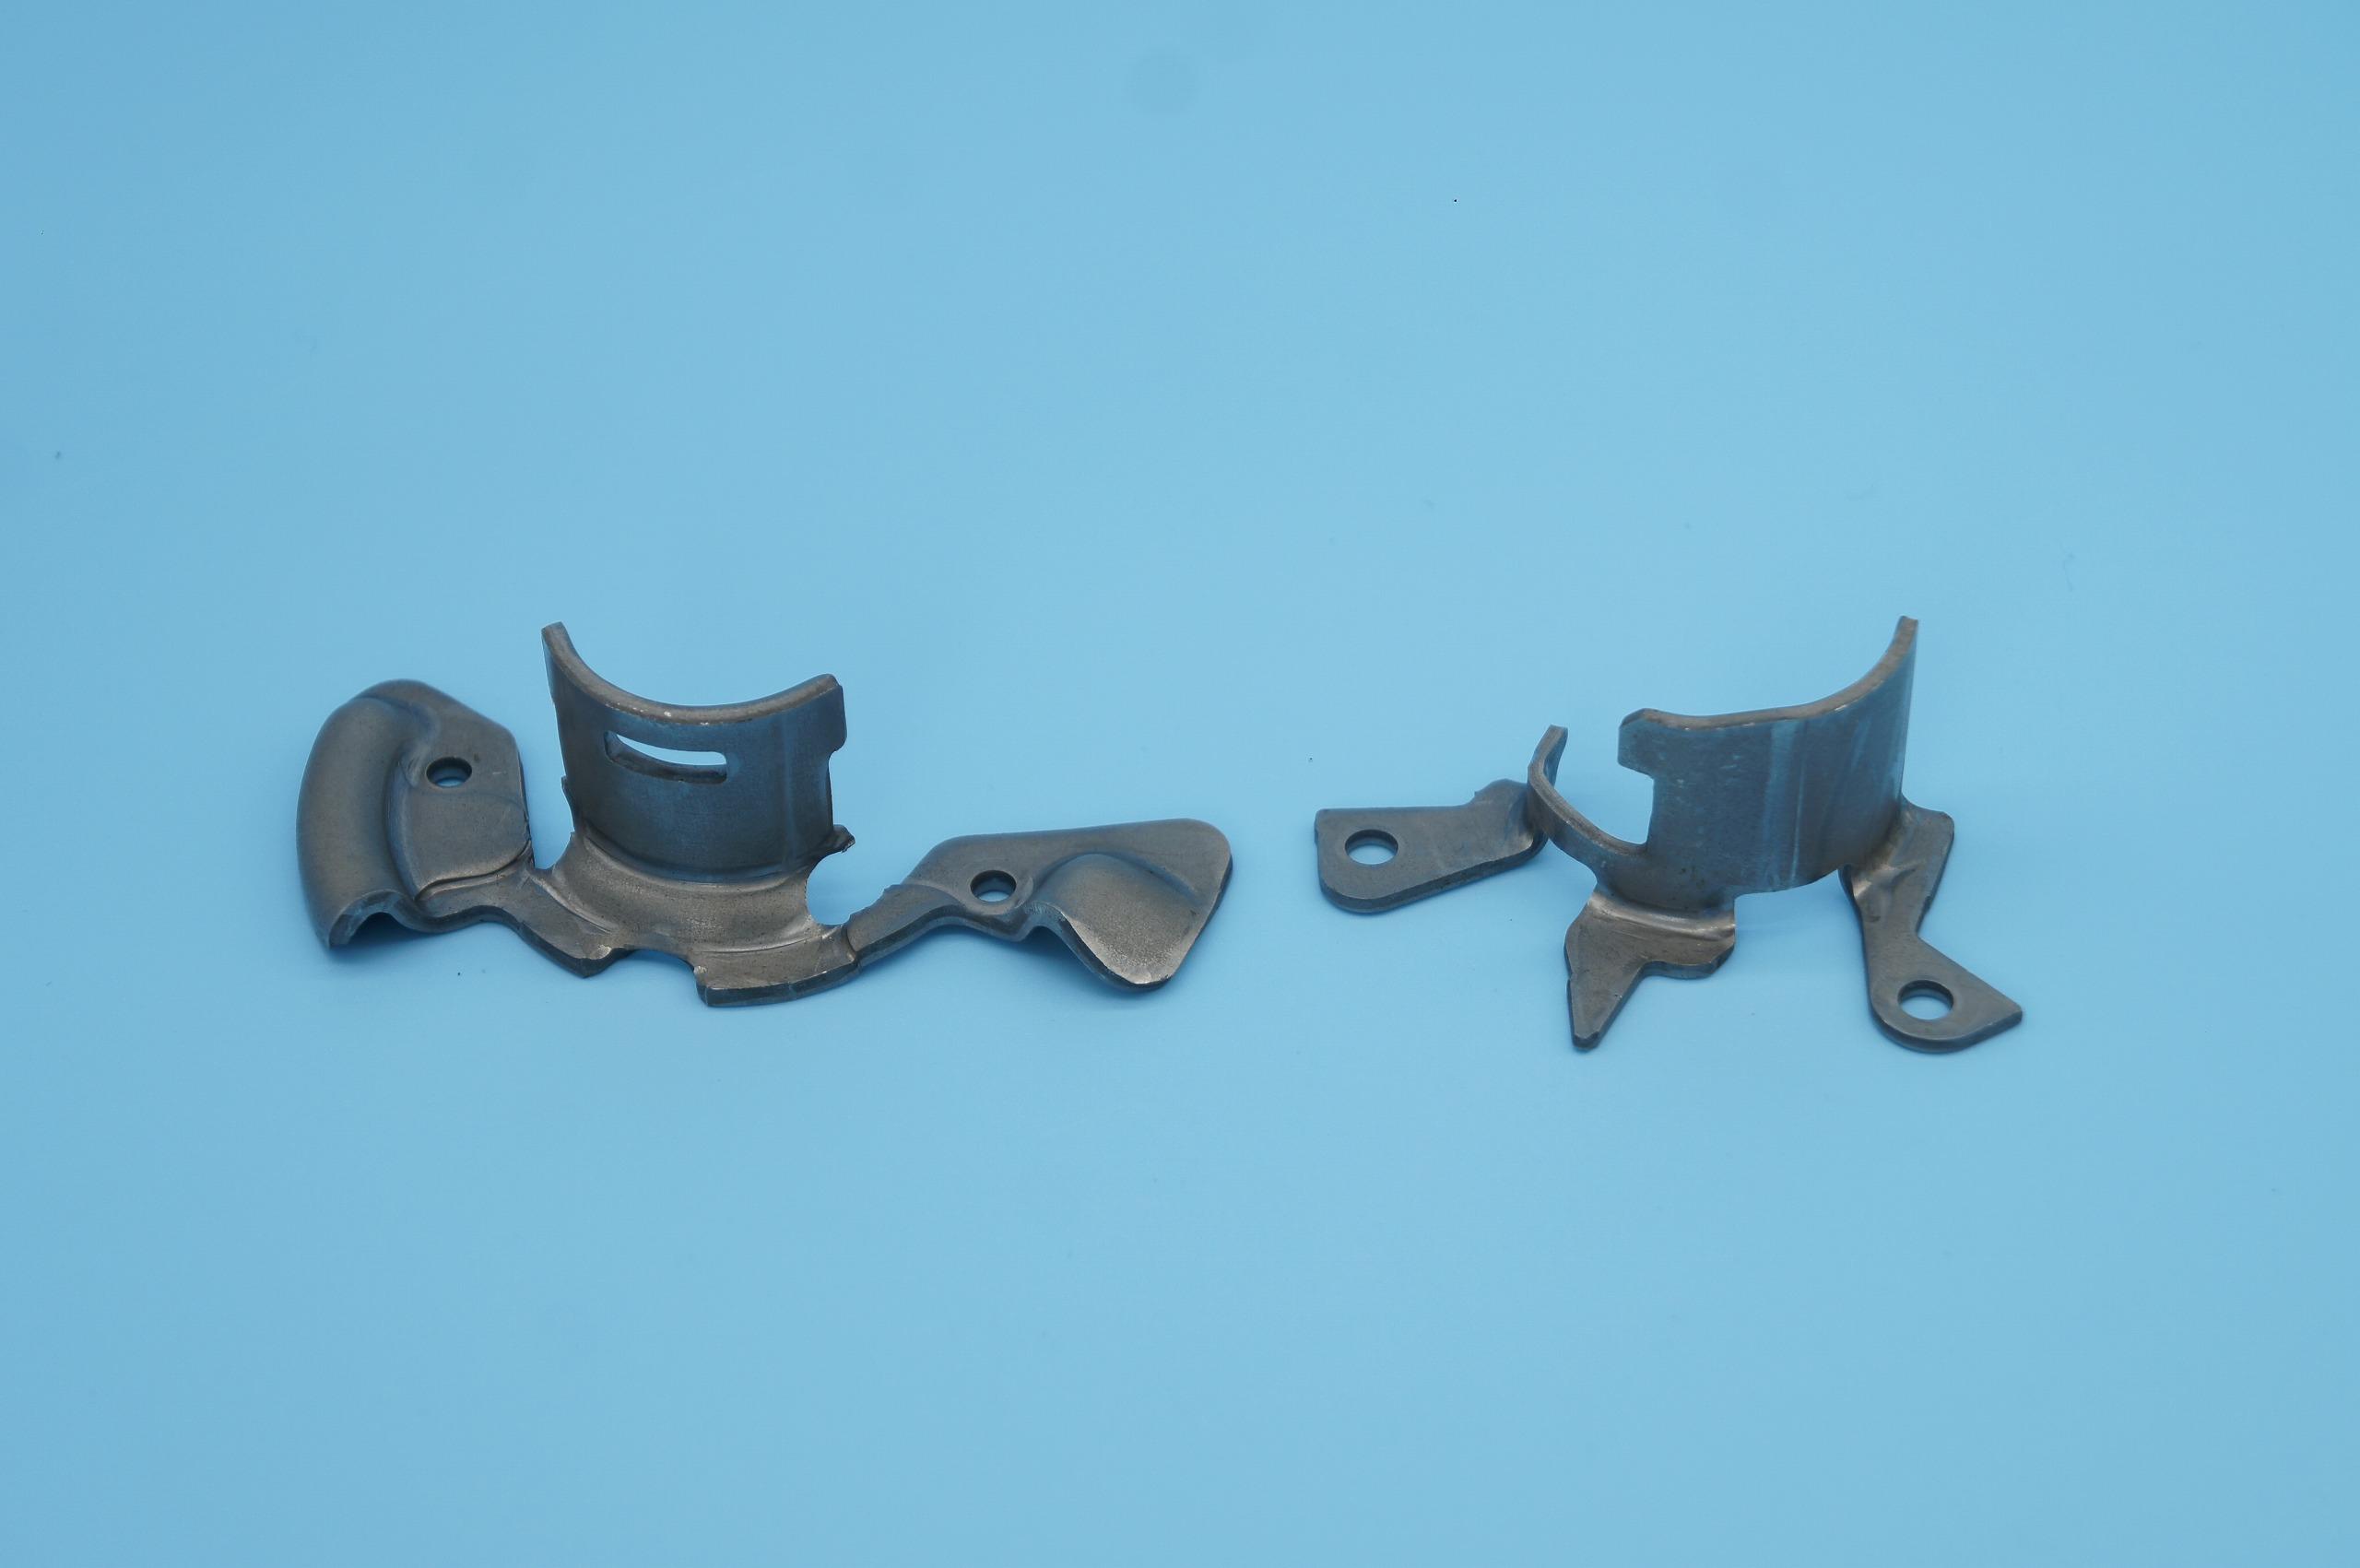 フックスプリング(ハイテン材)|リクライニングシート部品|プレス加工と金型の設計・製作でチャレンジを続ける会社|株式会社フクヤマ